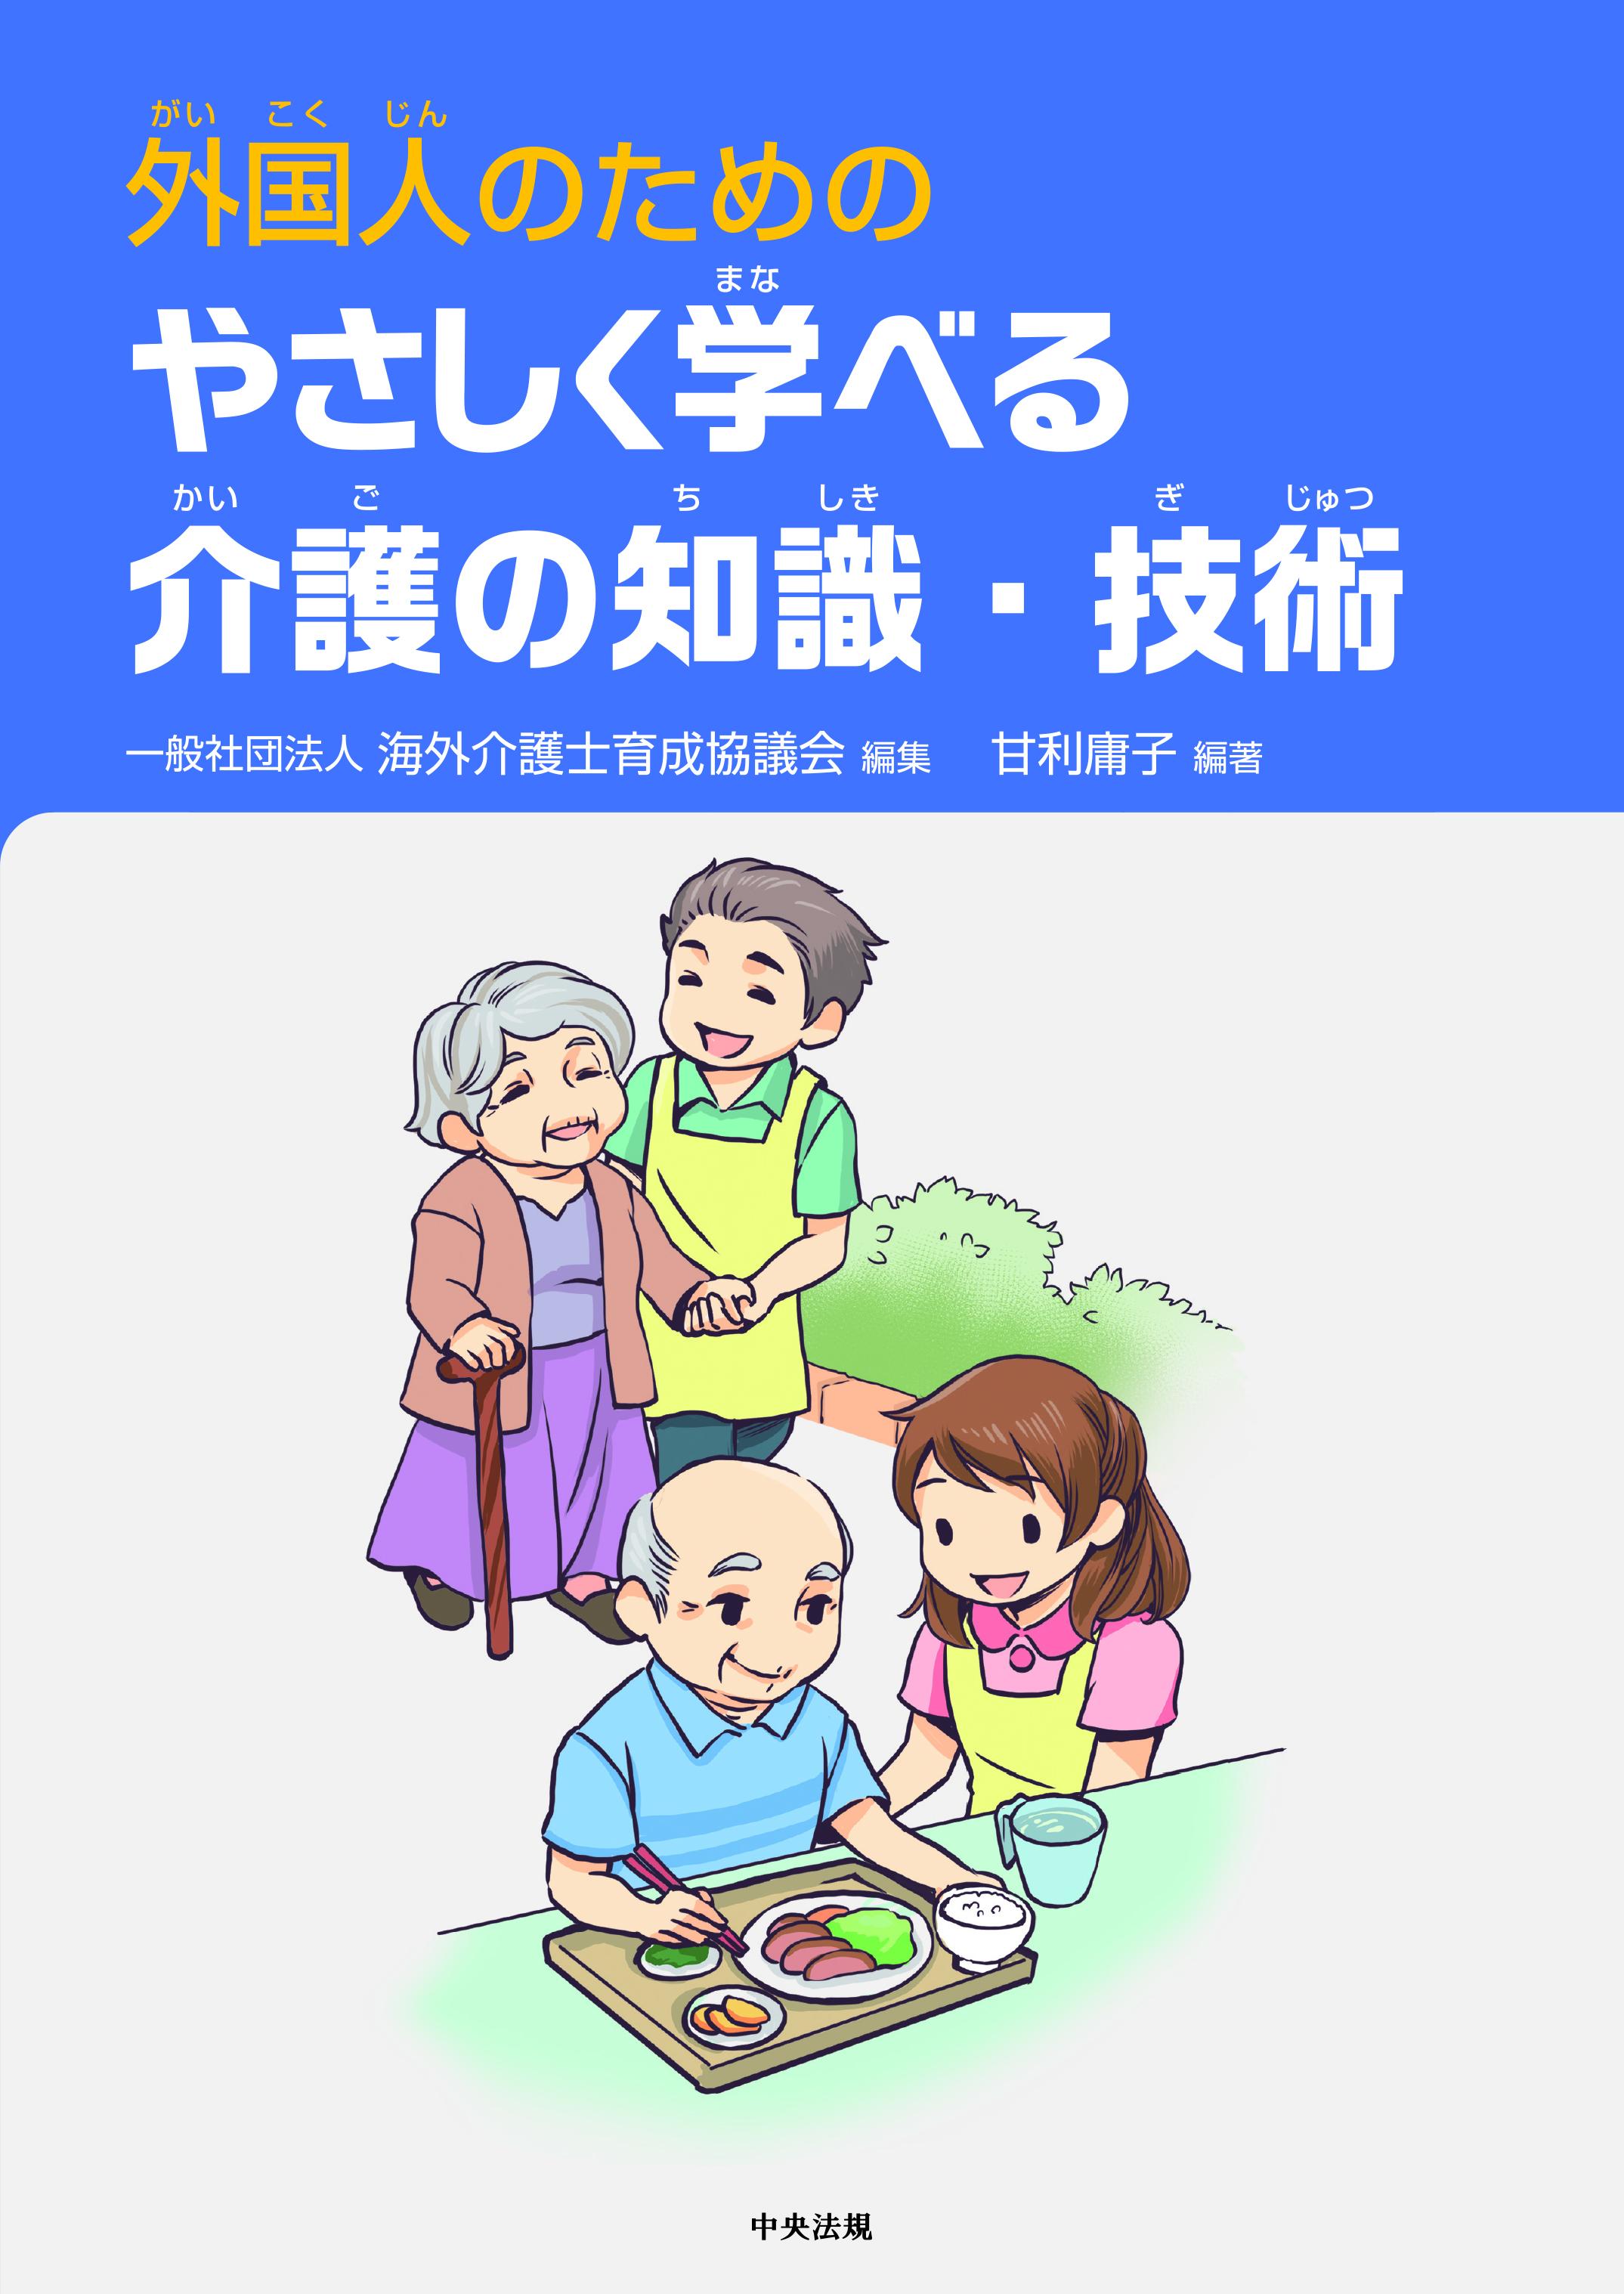 外国人のための やさしく学べる介護の知識・技術画像